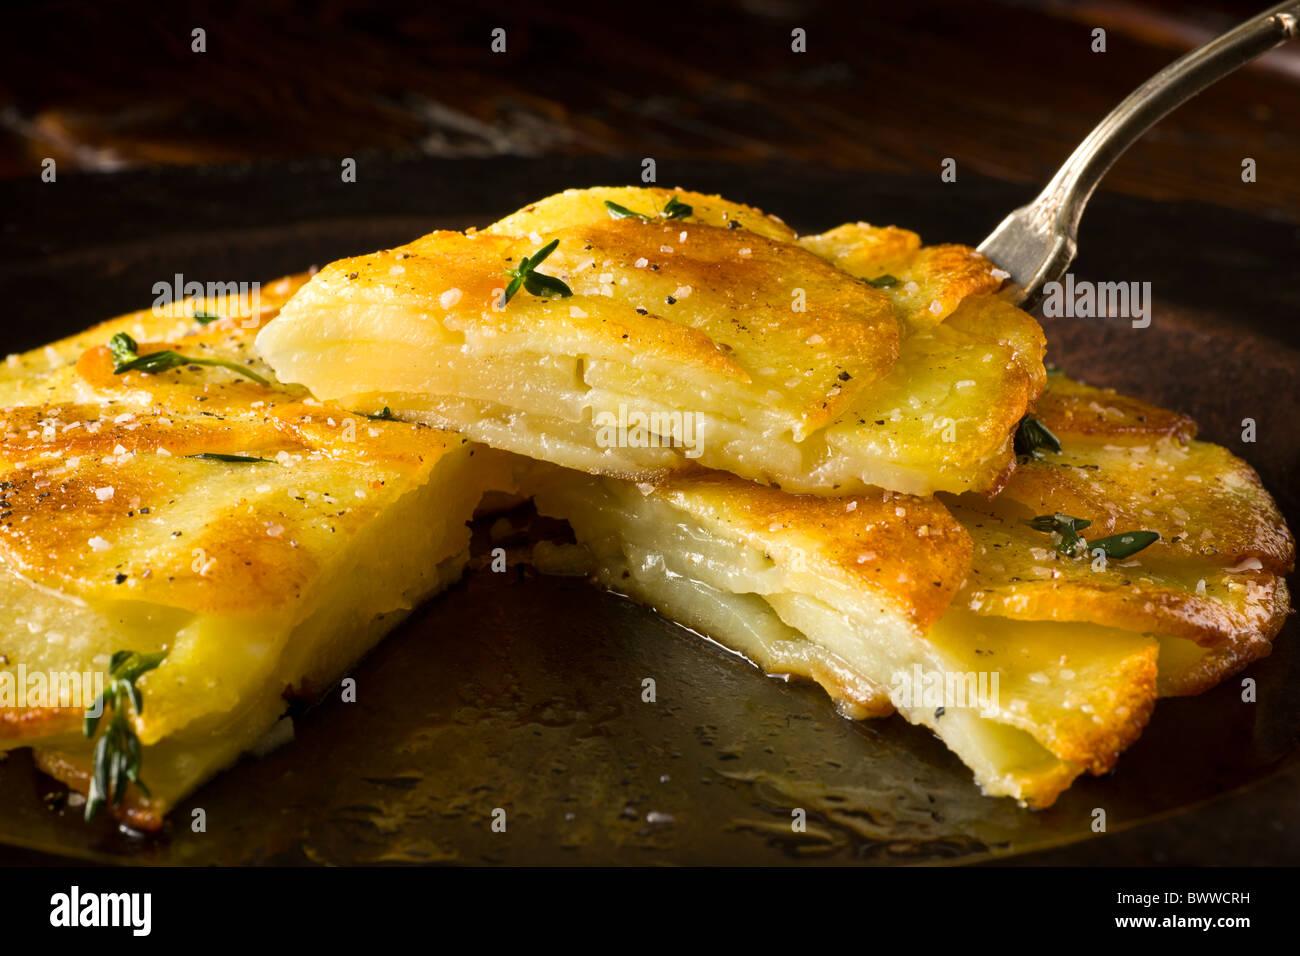 Tortas de patata o Anna aderezado con tomillo fresco, sal y pimienta y se sirve en un plato rústico. Foto de stock